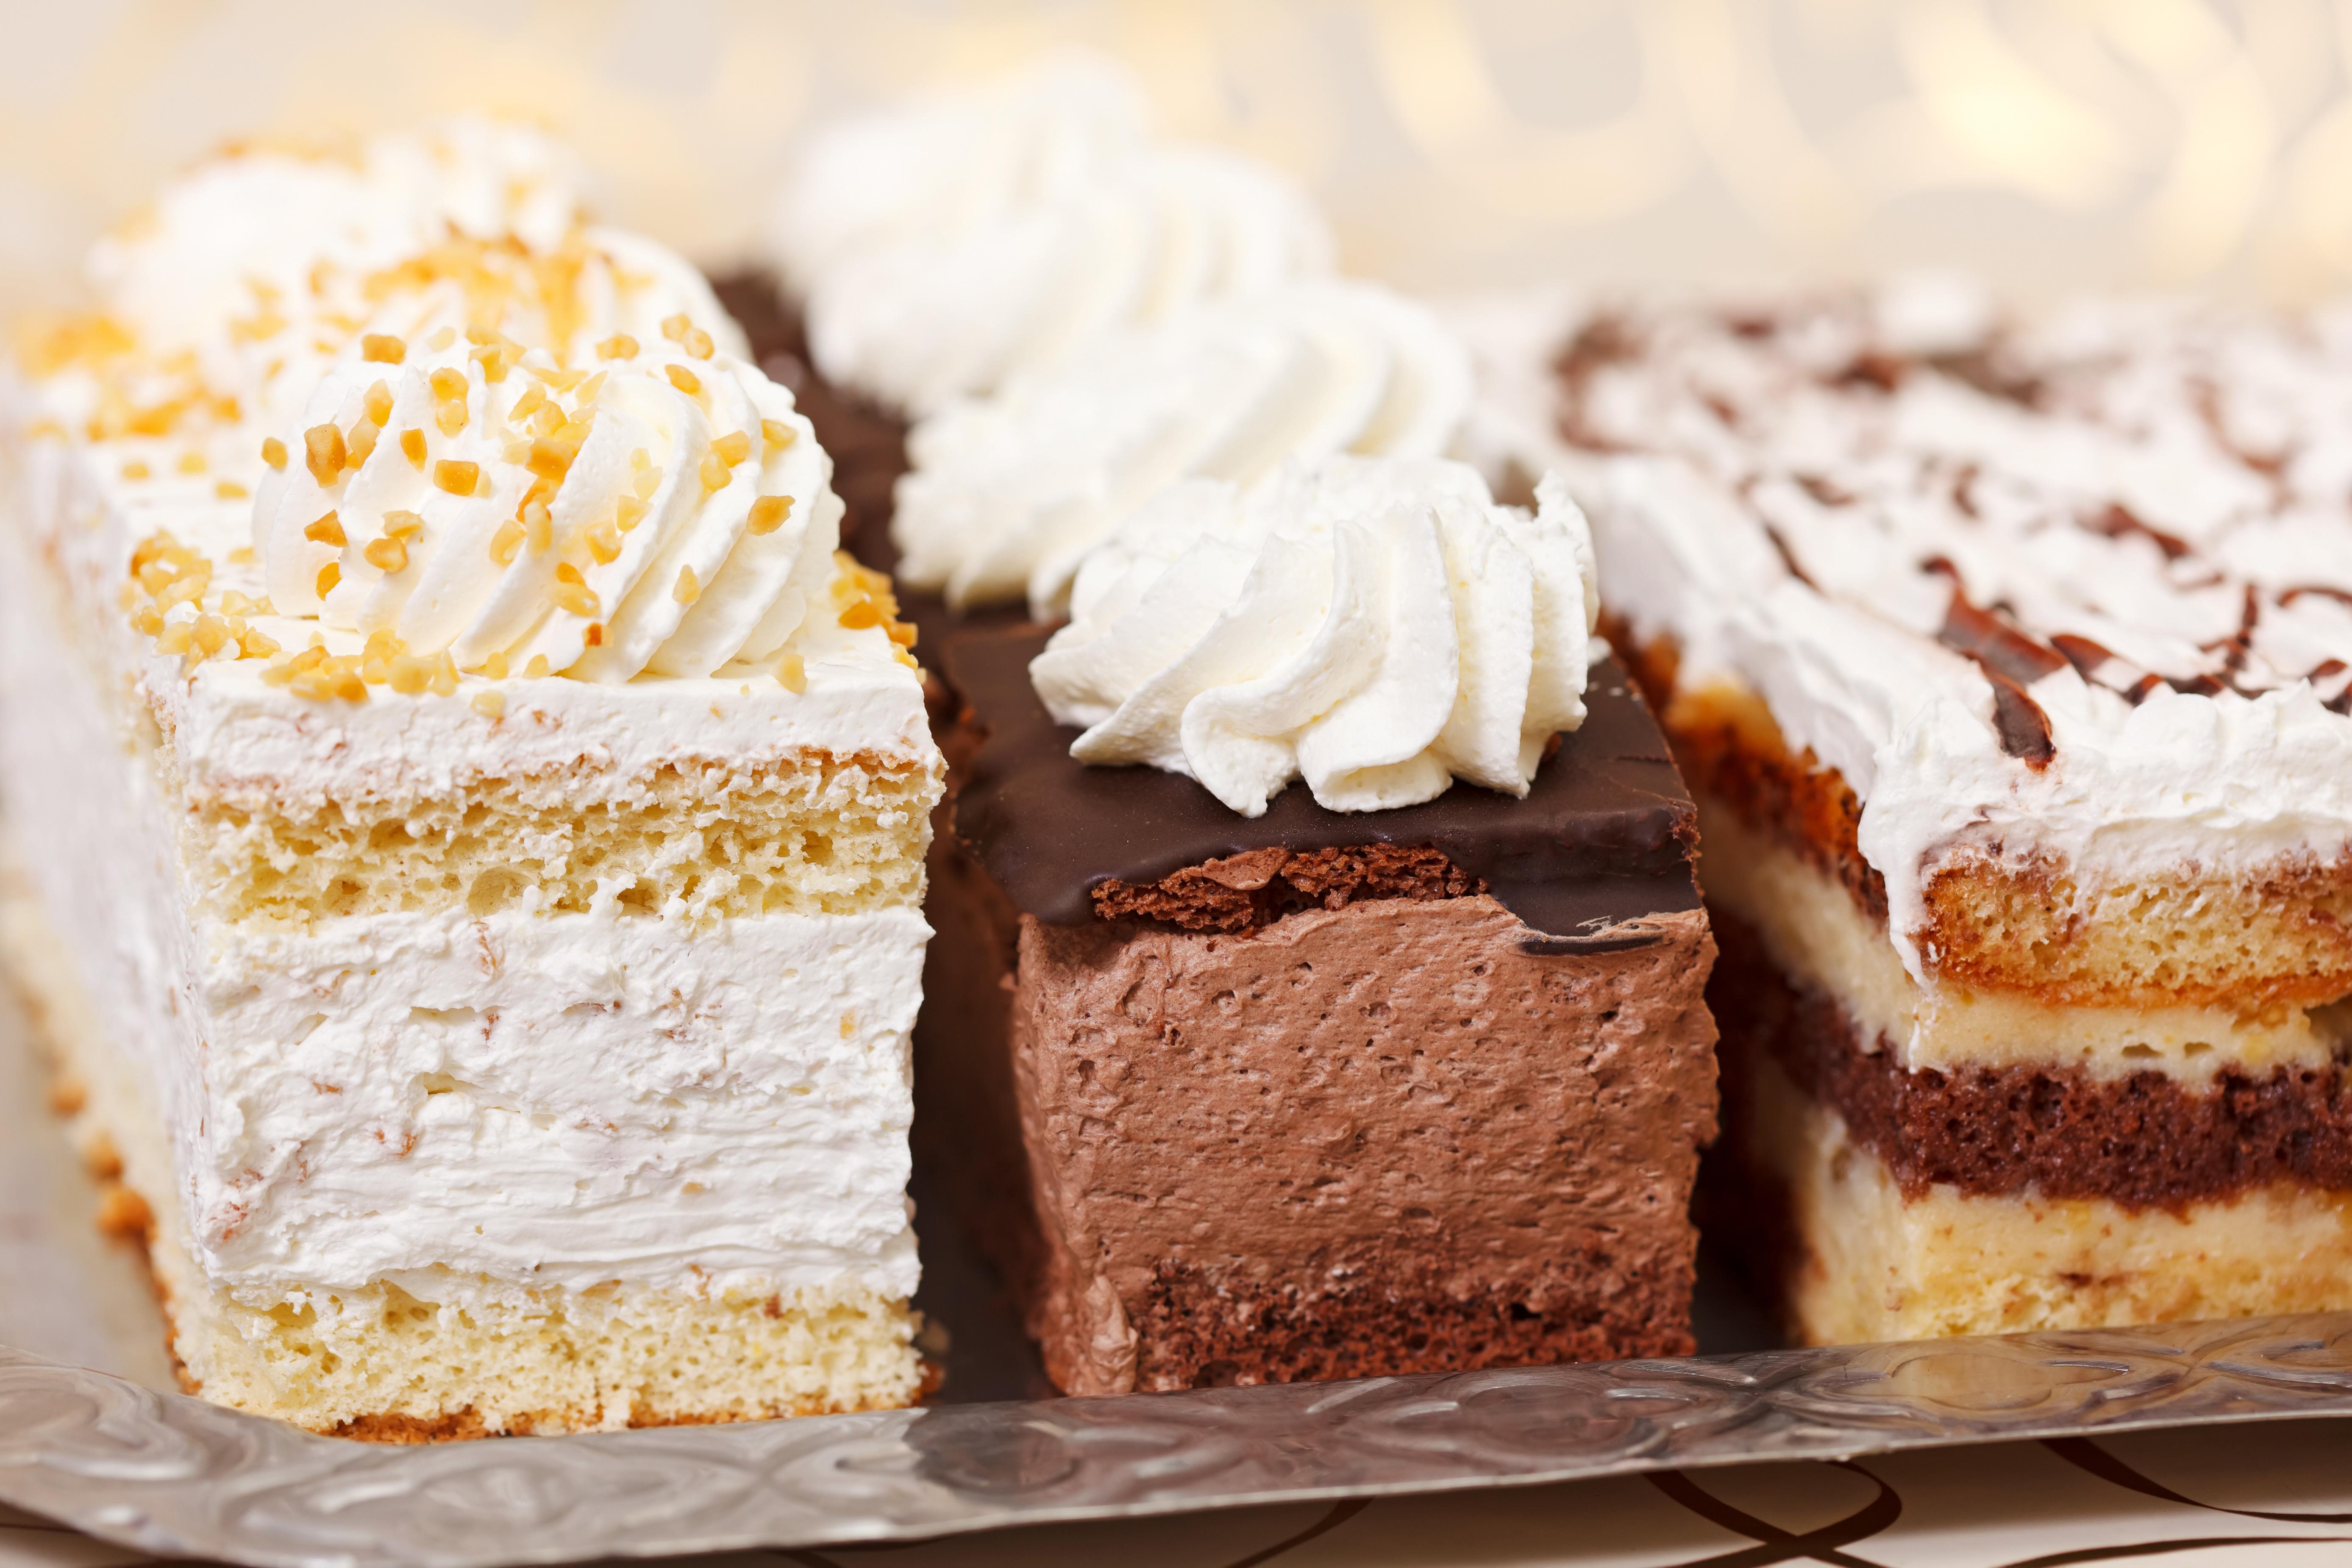 используем картинка большое пирожное дома, мурманске